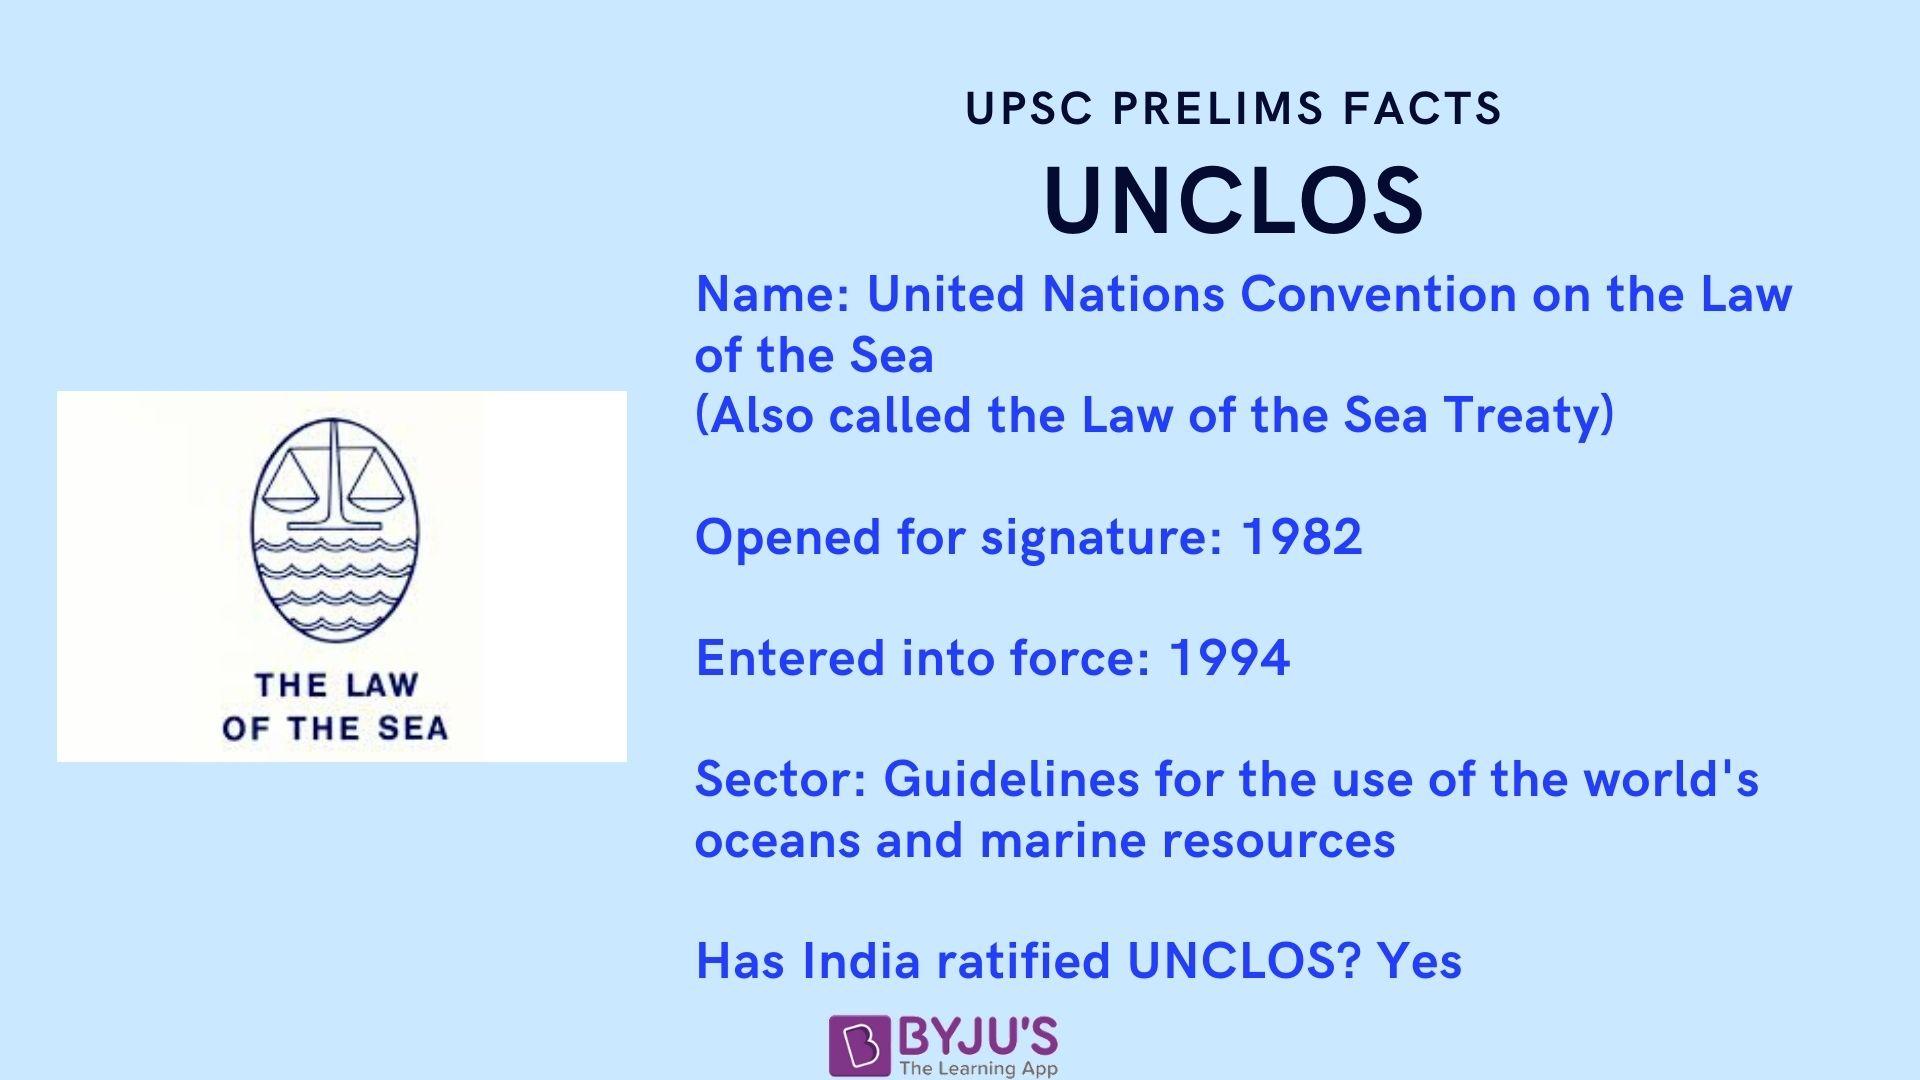 UPSC Prelims Facts - UNCLOS